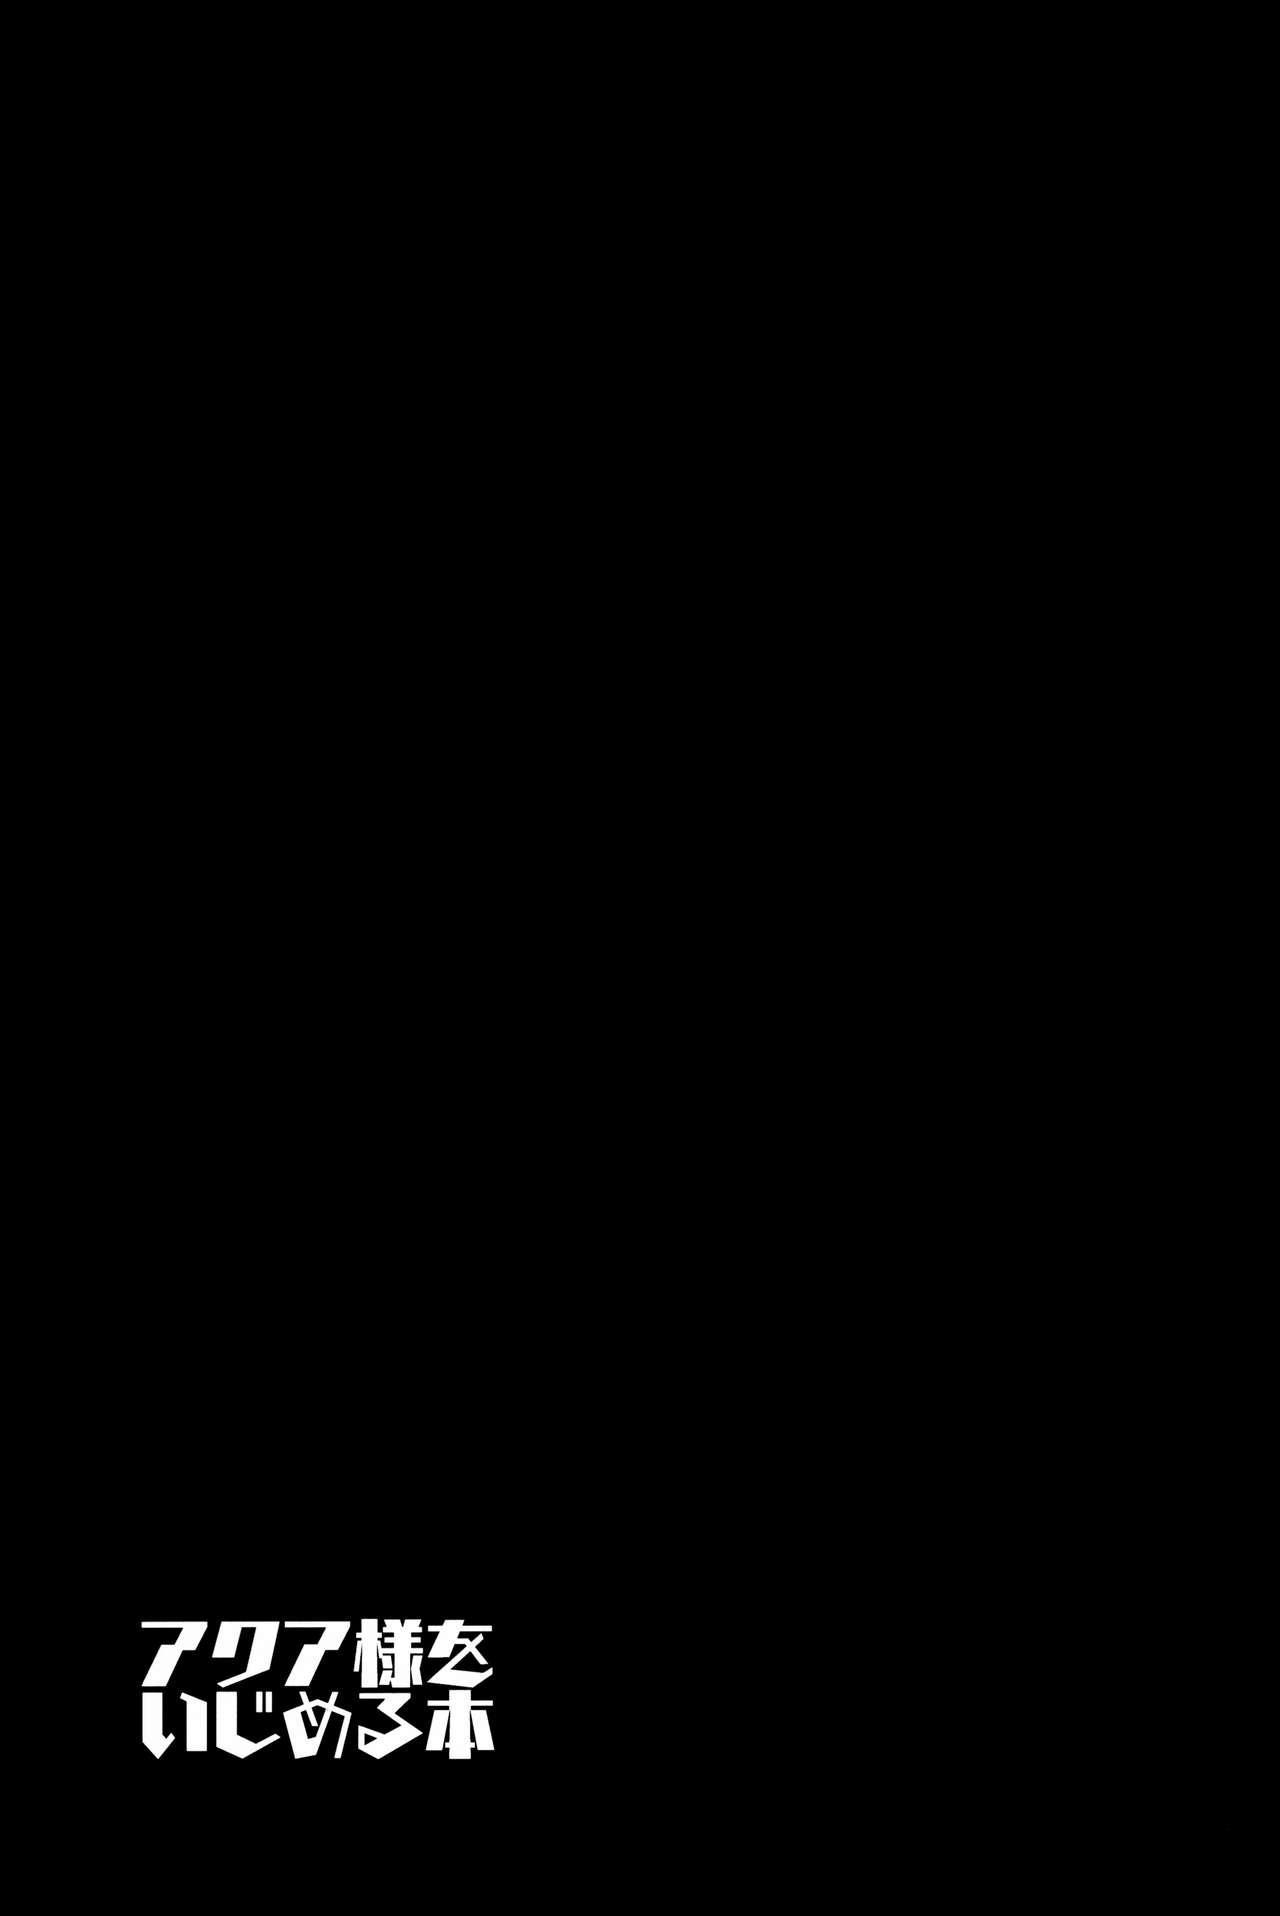 Aqua-sama o Ijimeru Hon 25